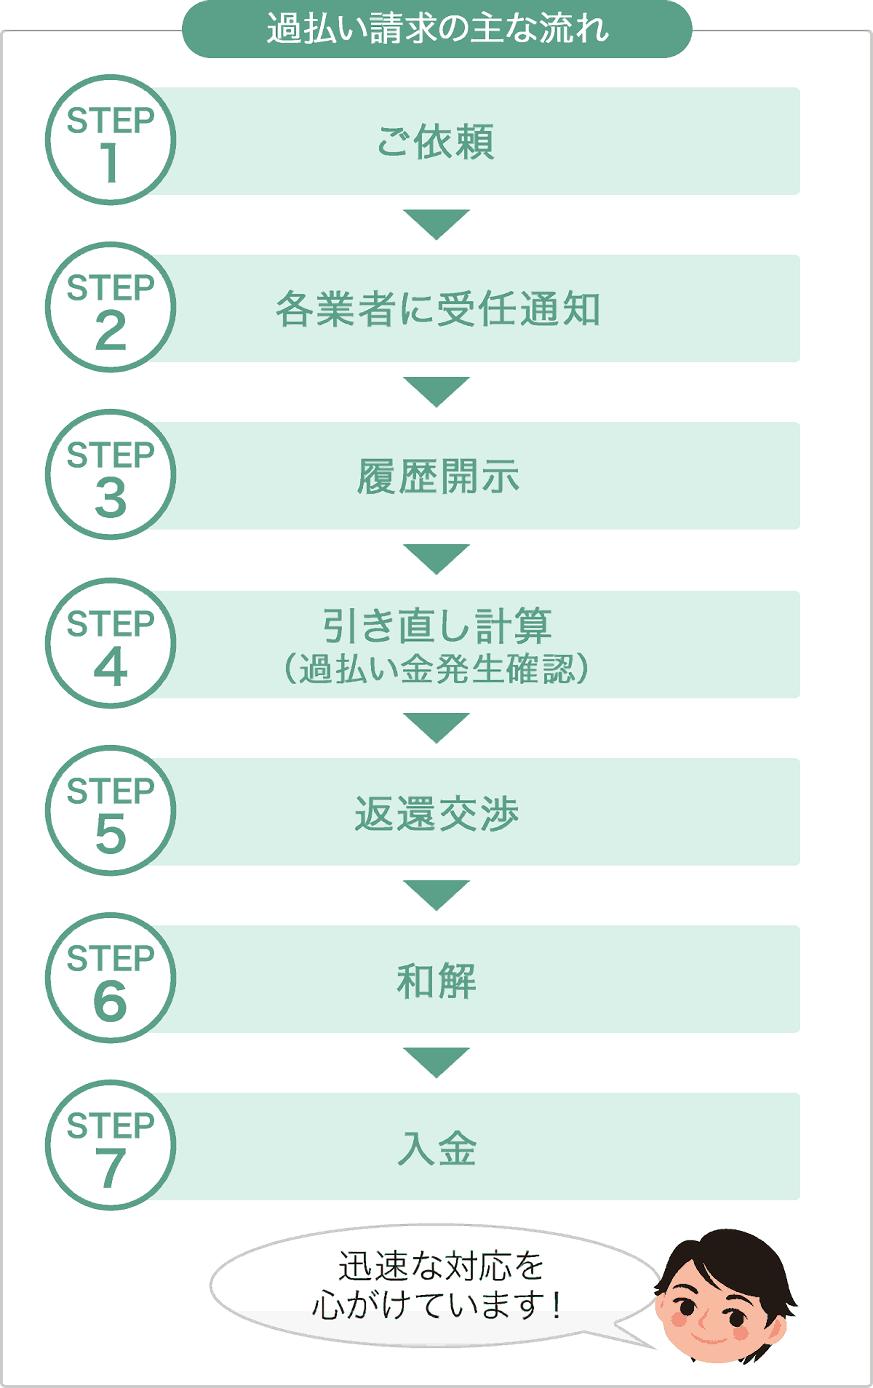 図:請求の主な流れ